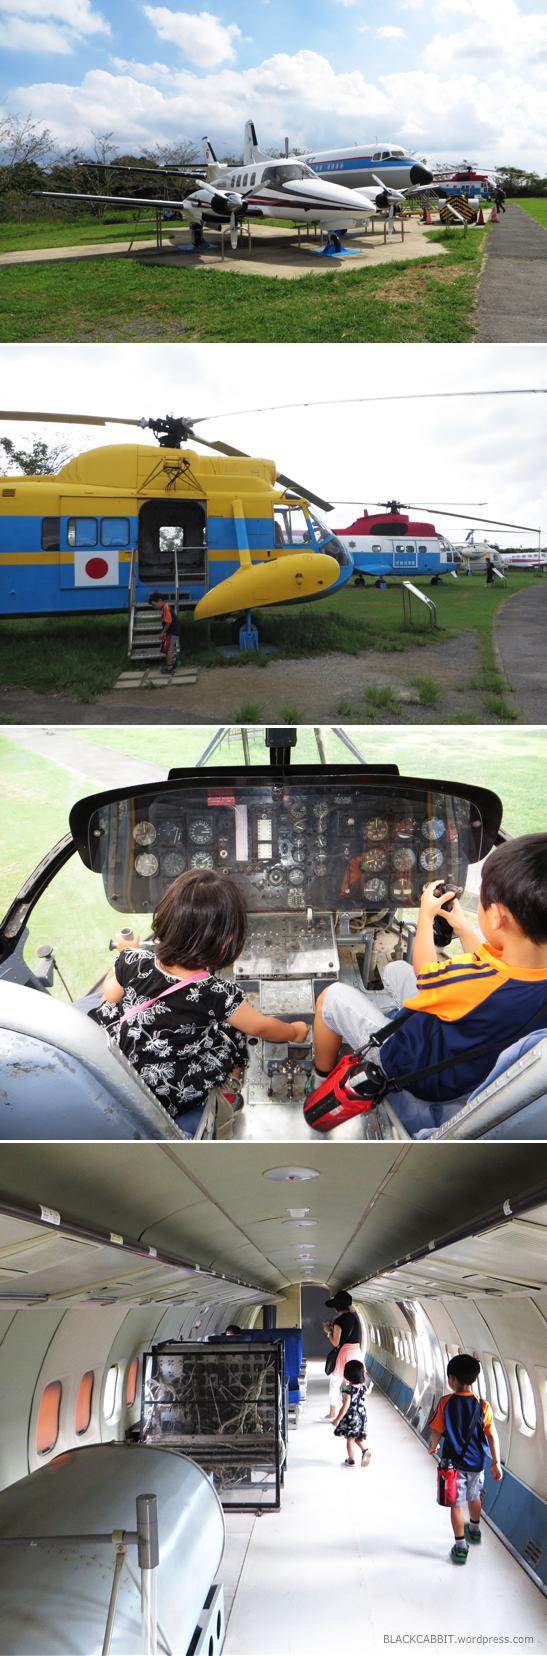 Aero Museum